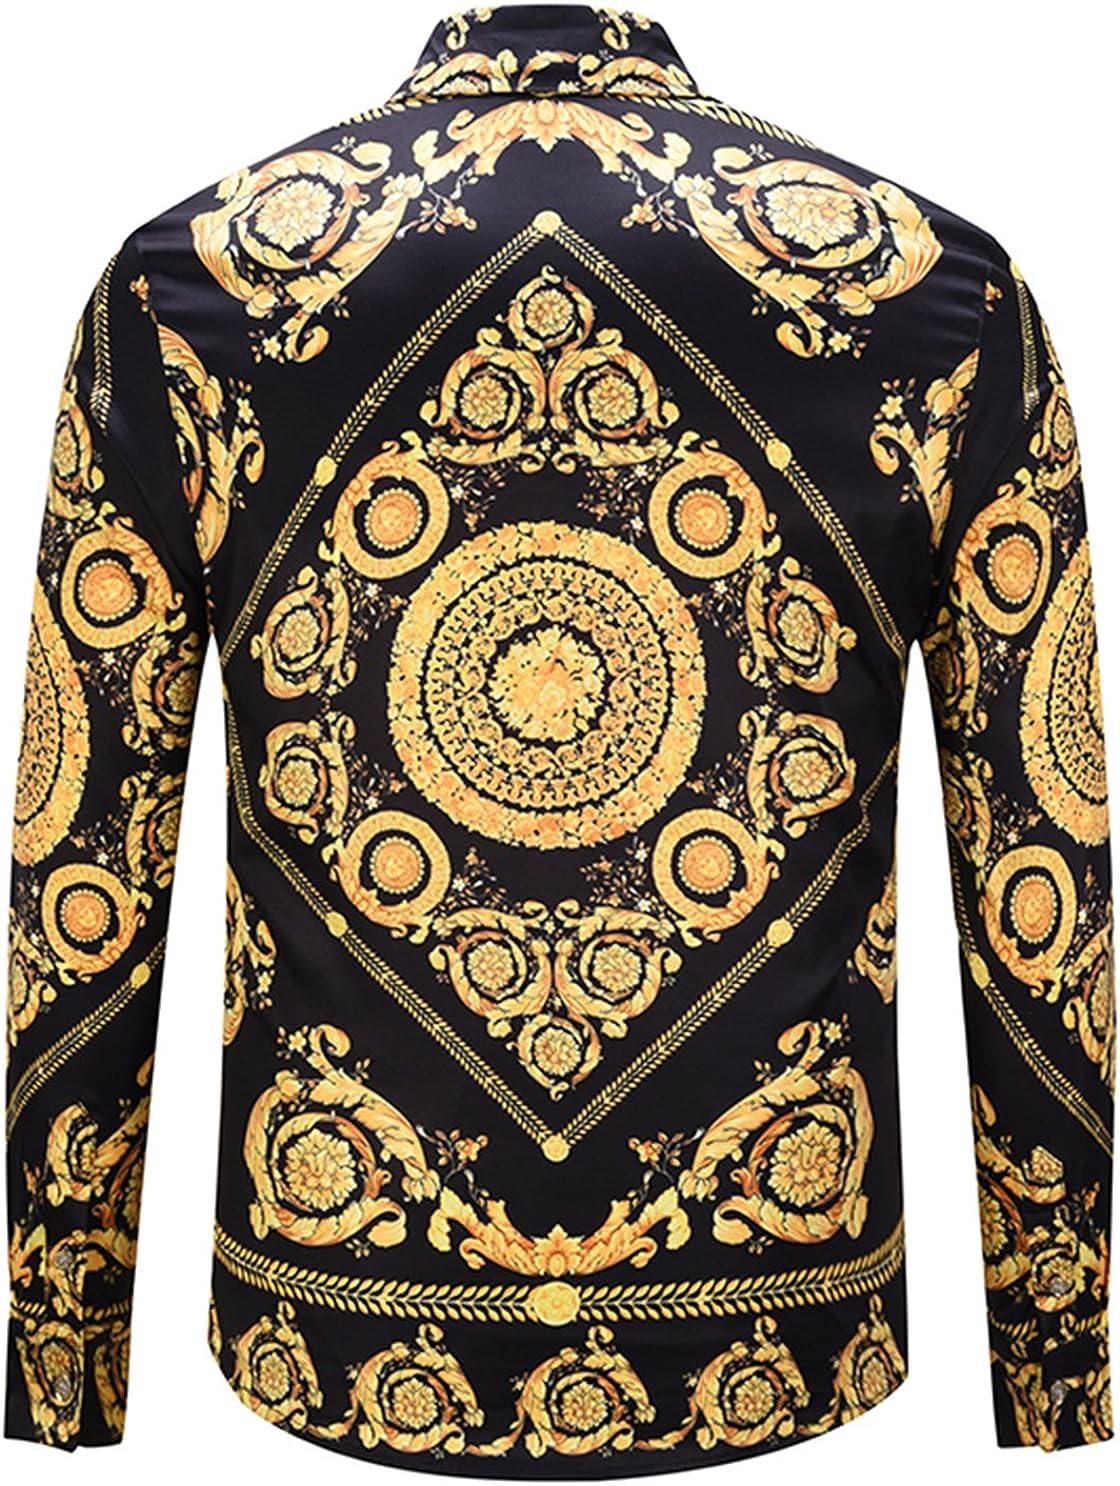 PIZOFF Camicia Lussuosa Stampa Barocco Elegante Uomo a Maniche Lunghe